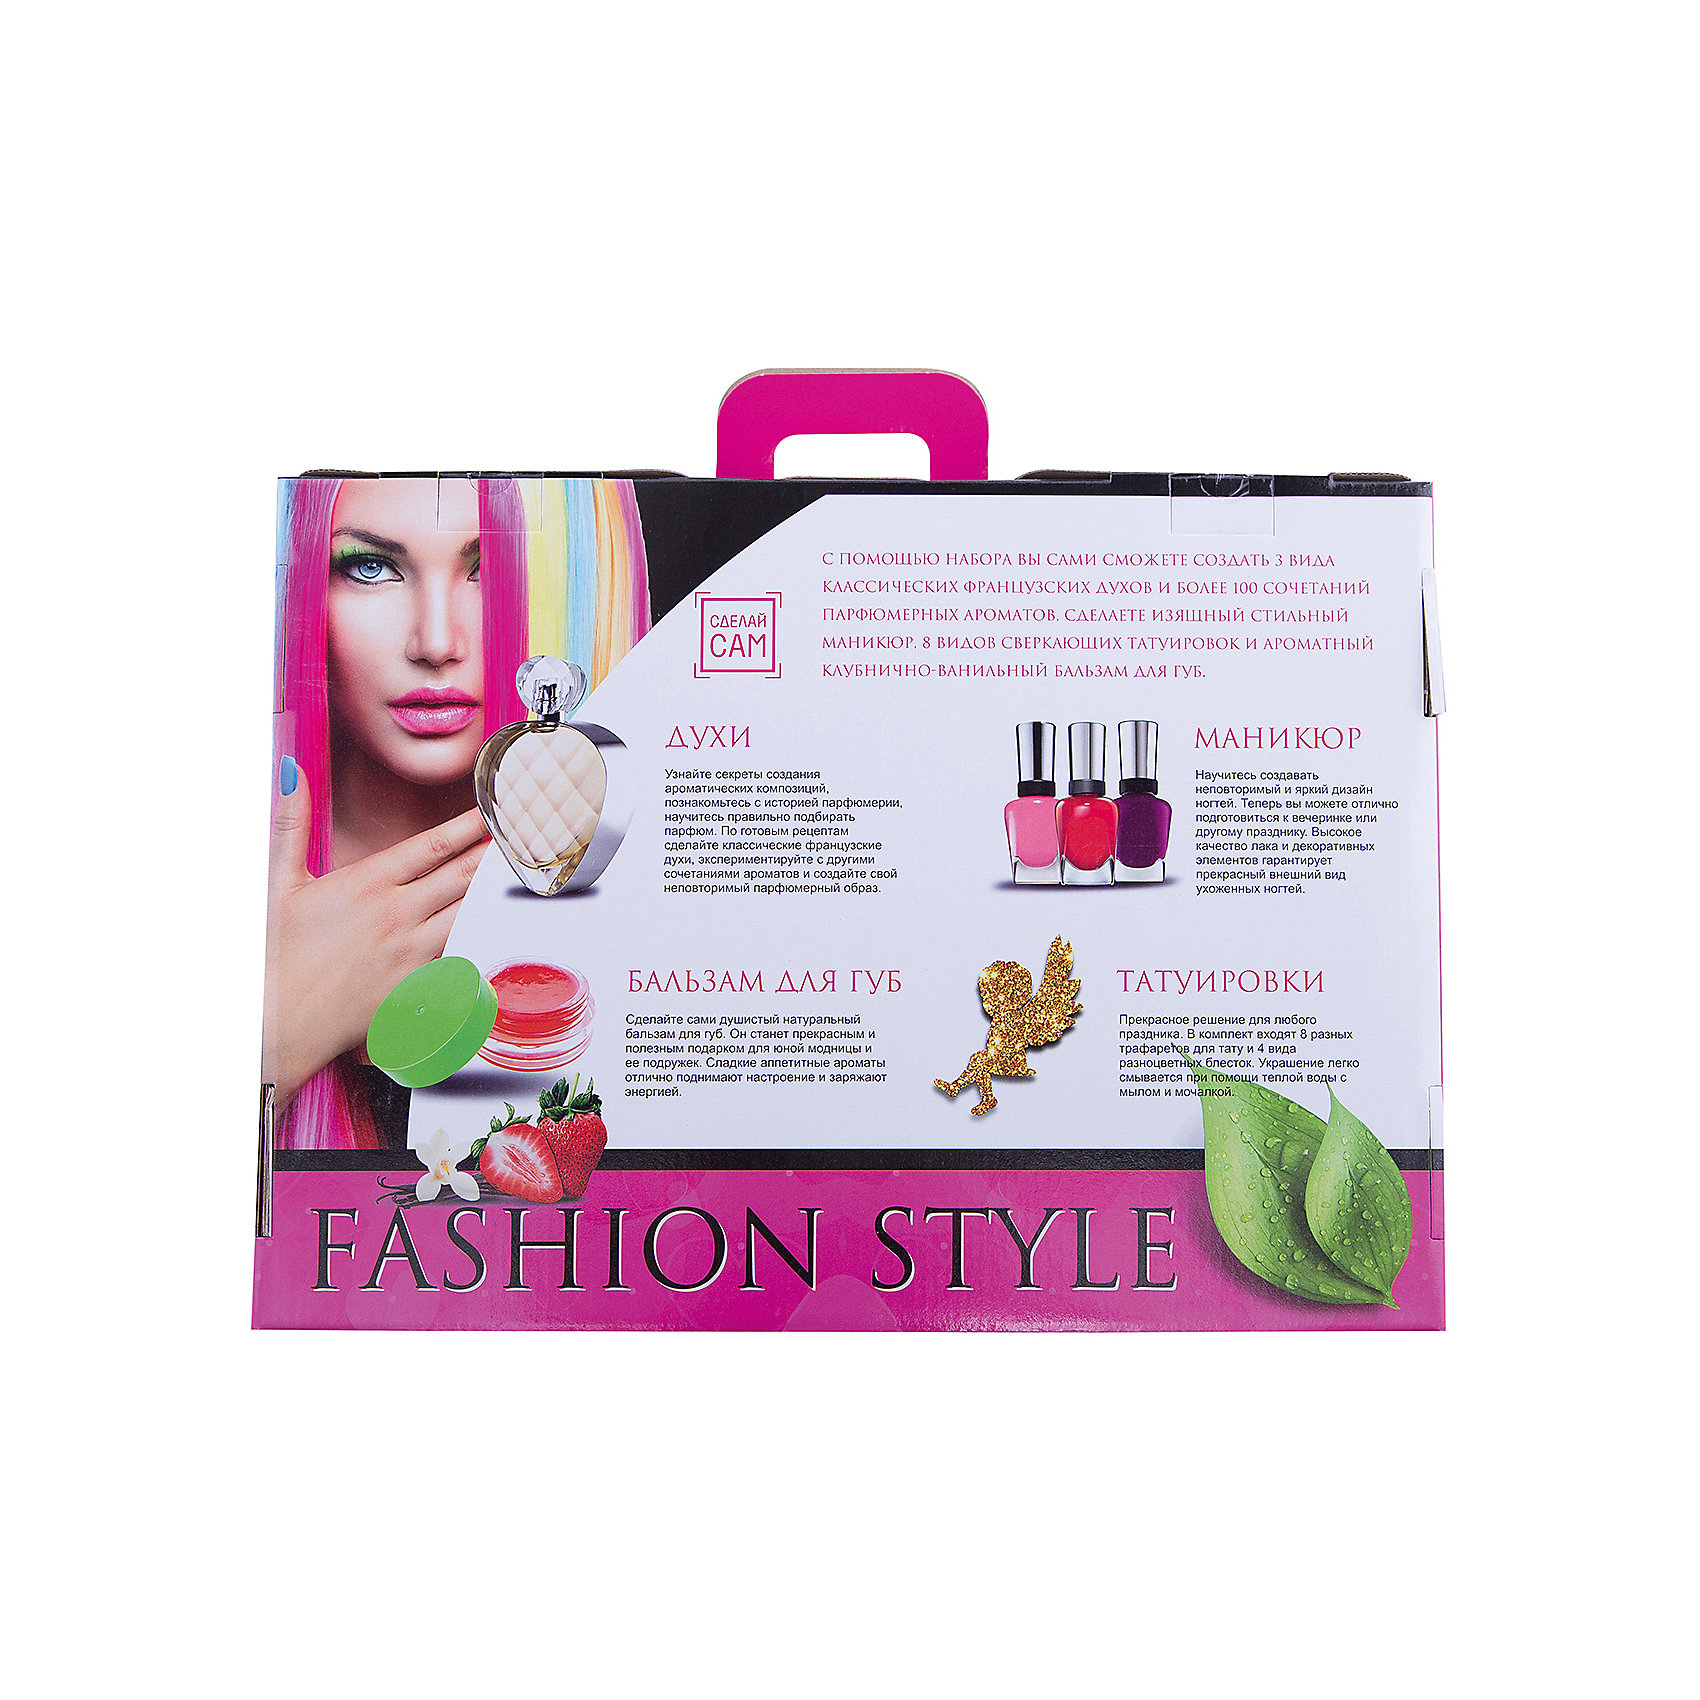 Косметический набор Fashion Style от myToys